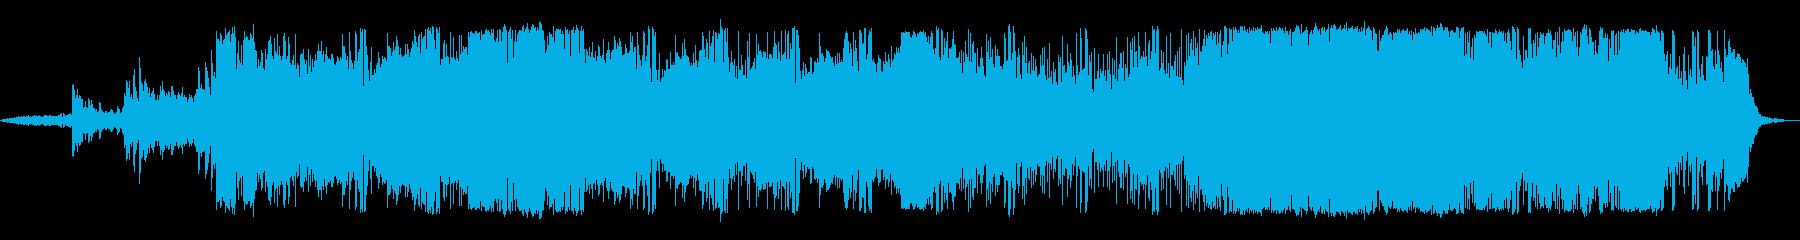 勢いがある躍動的なテクノの再生済みの波形